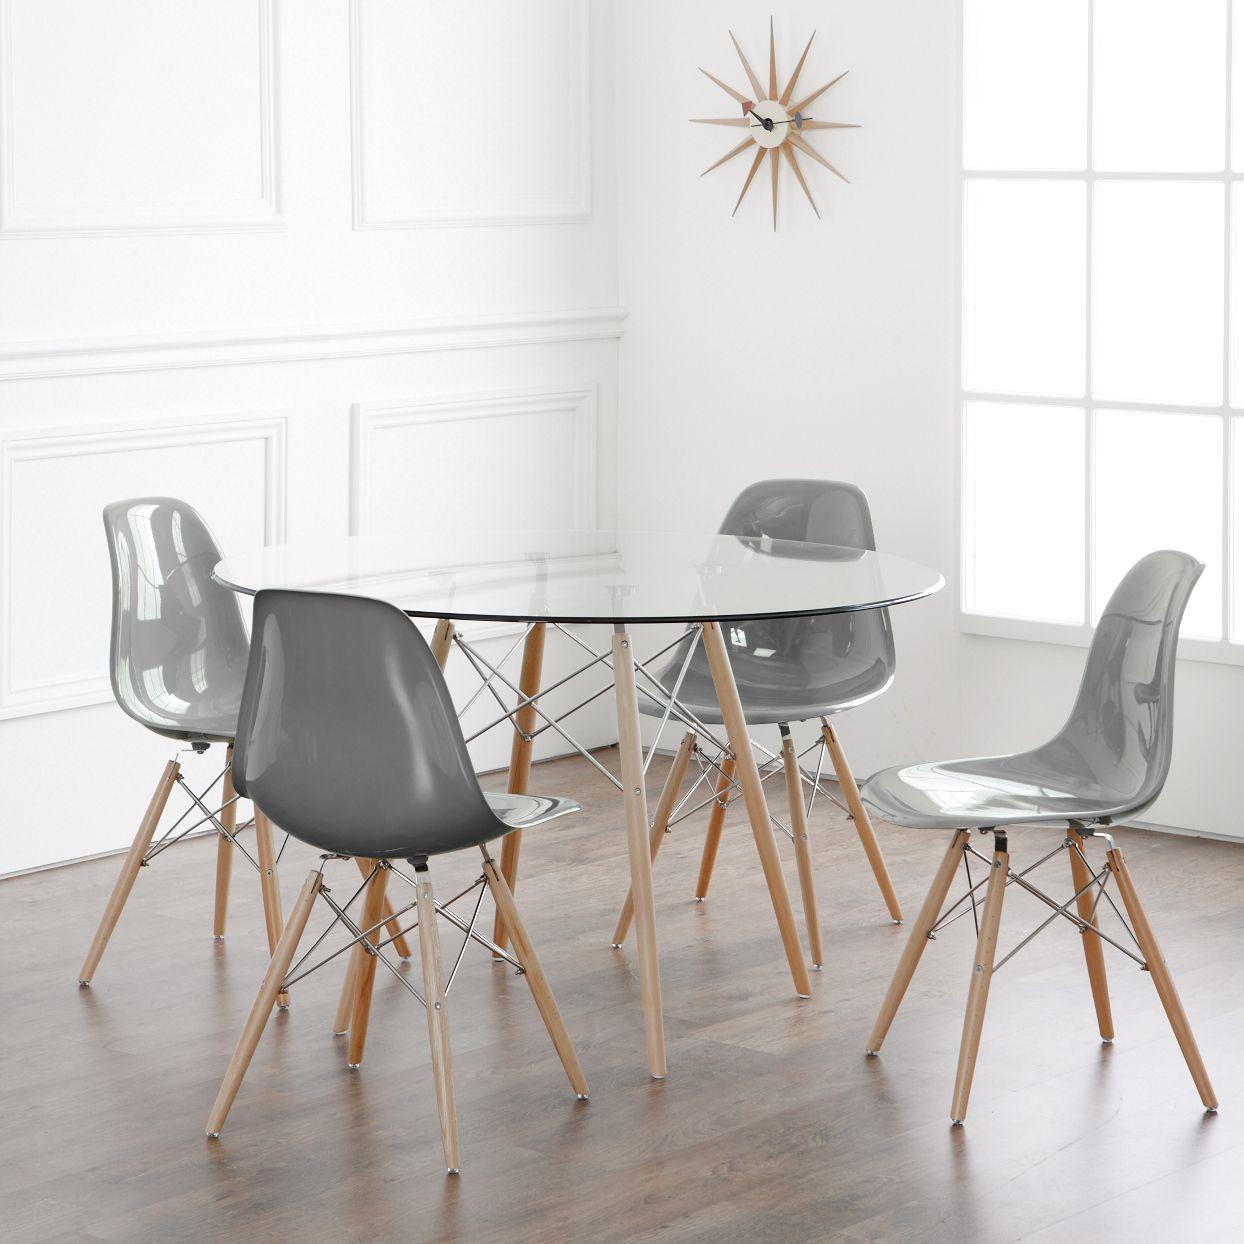 DSW Chair in Fibreglass DSW Chair in